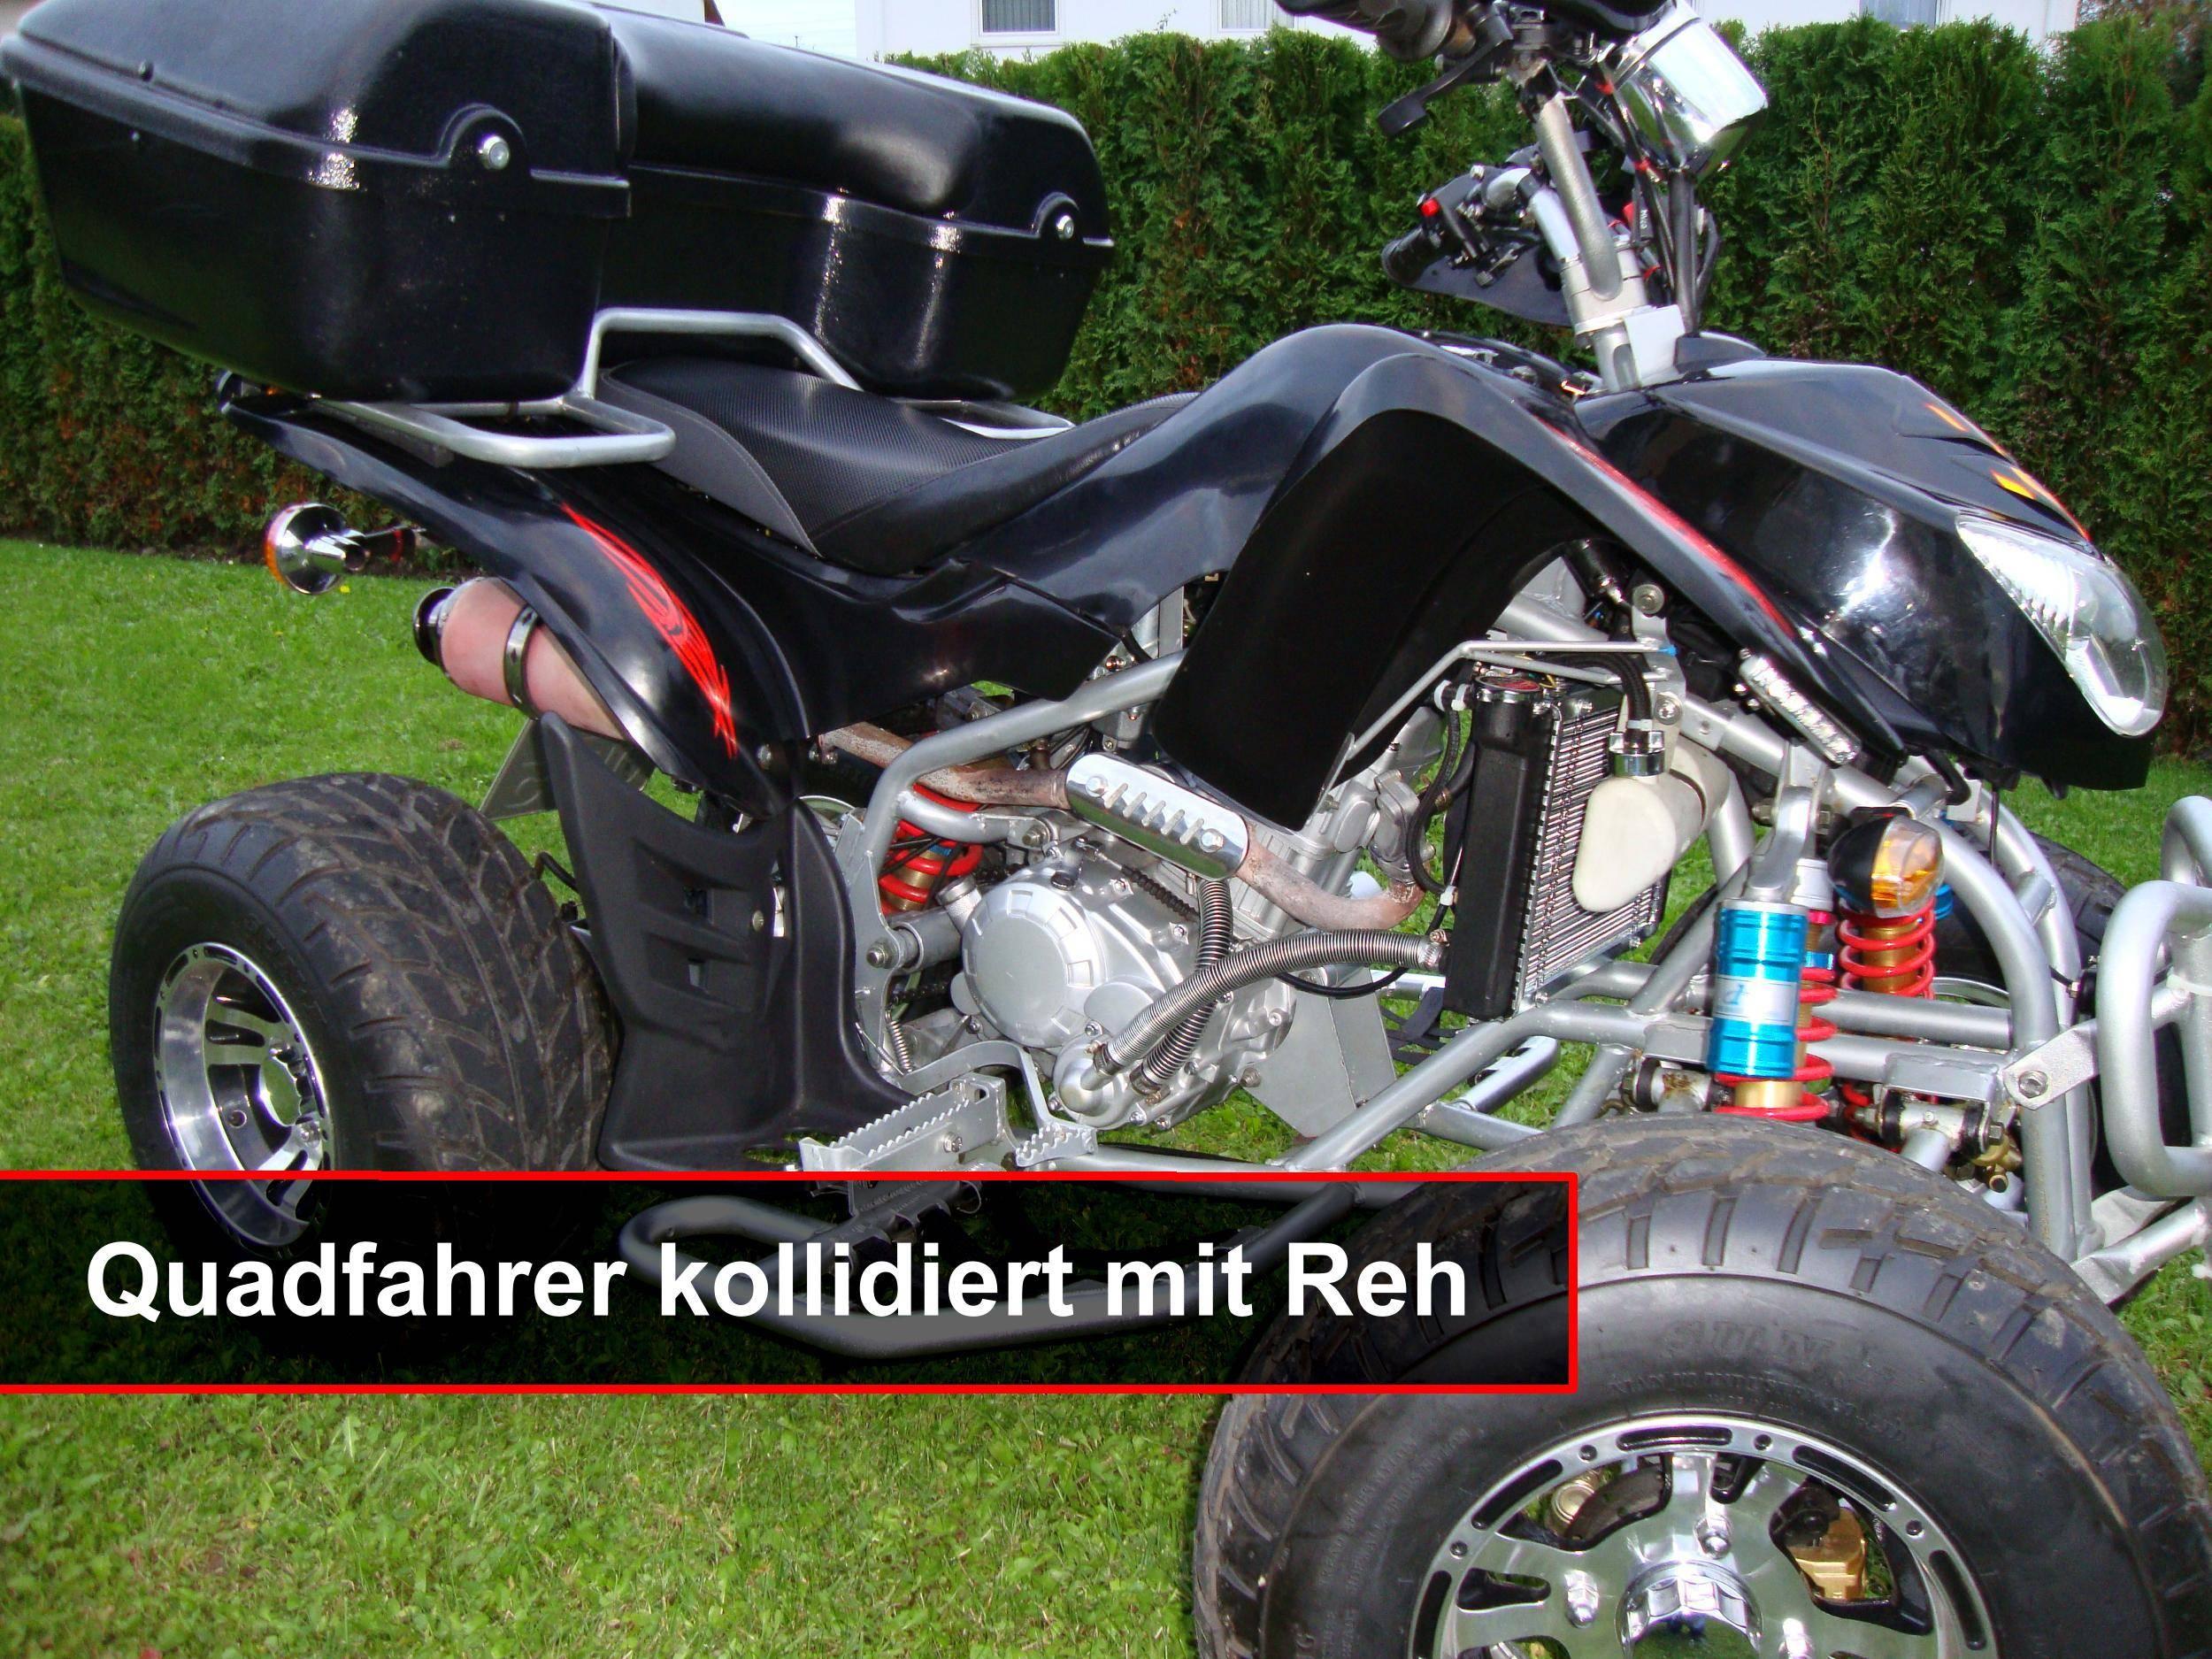 Quad, Unfall, Bayerisch Schwaben, Bsaktuell, Mario Obeser,